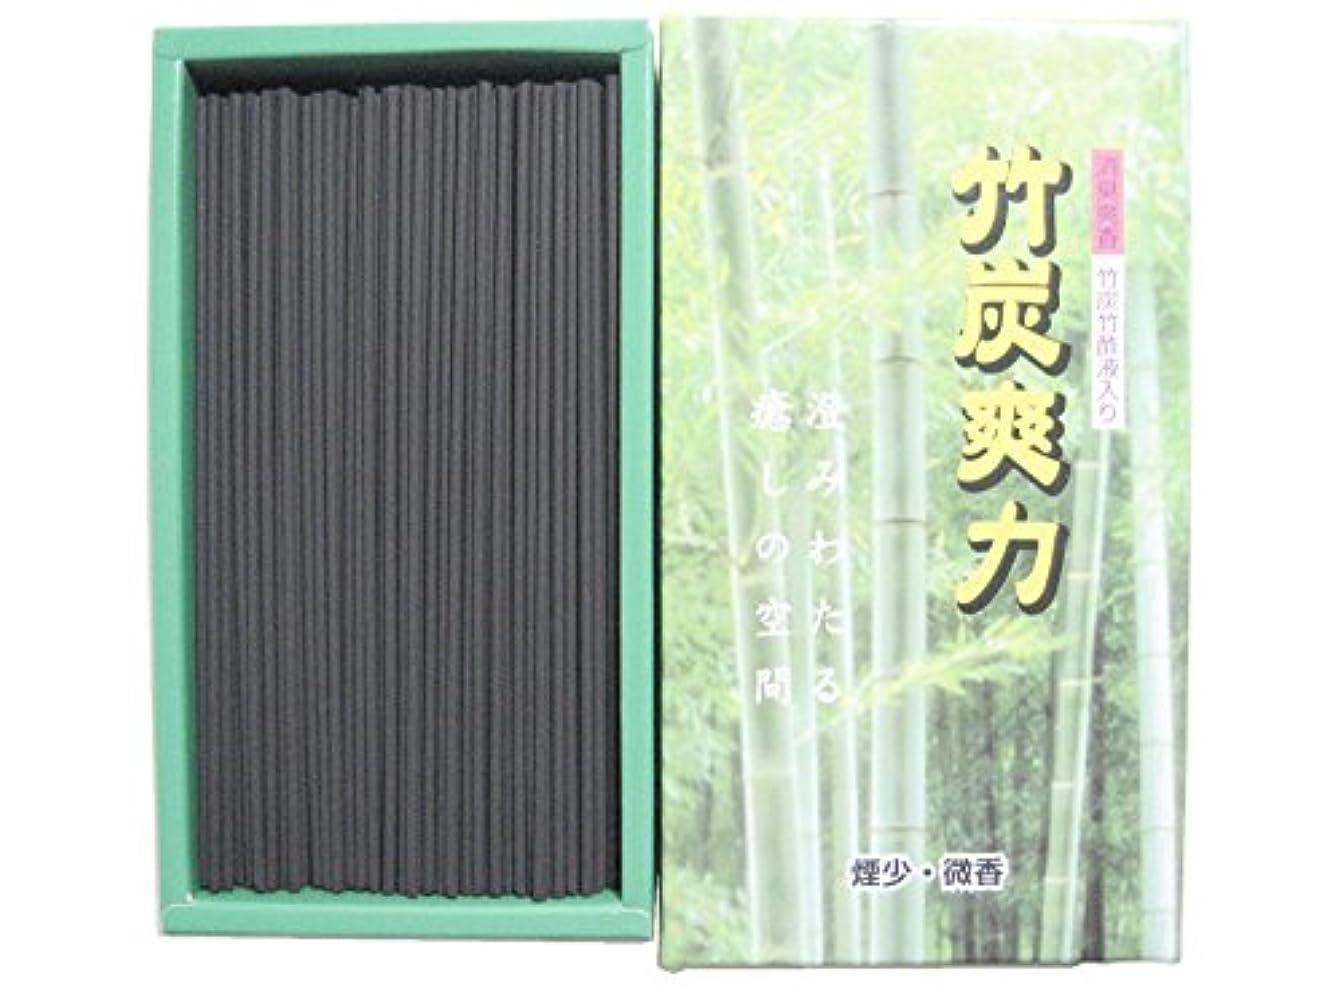 階麦芽持ってる淡路梅薫堂の竹炭お線香 竹炭爽力微香 95g #250 ×3